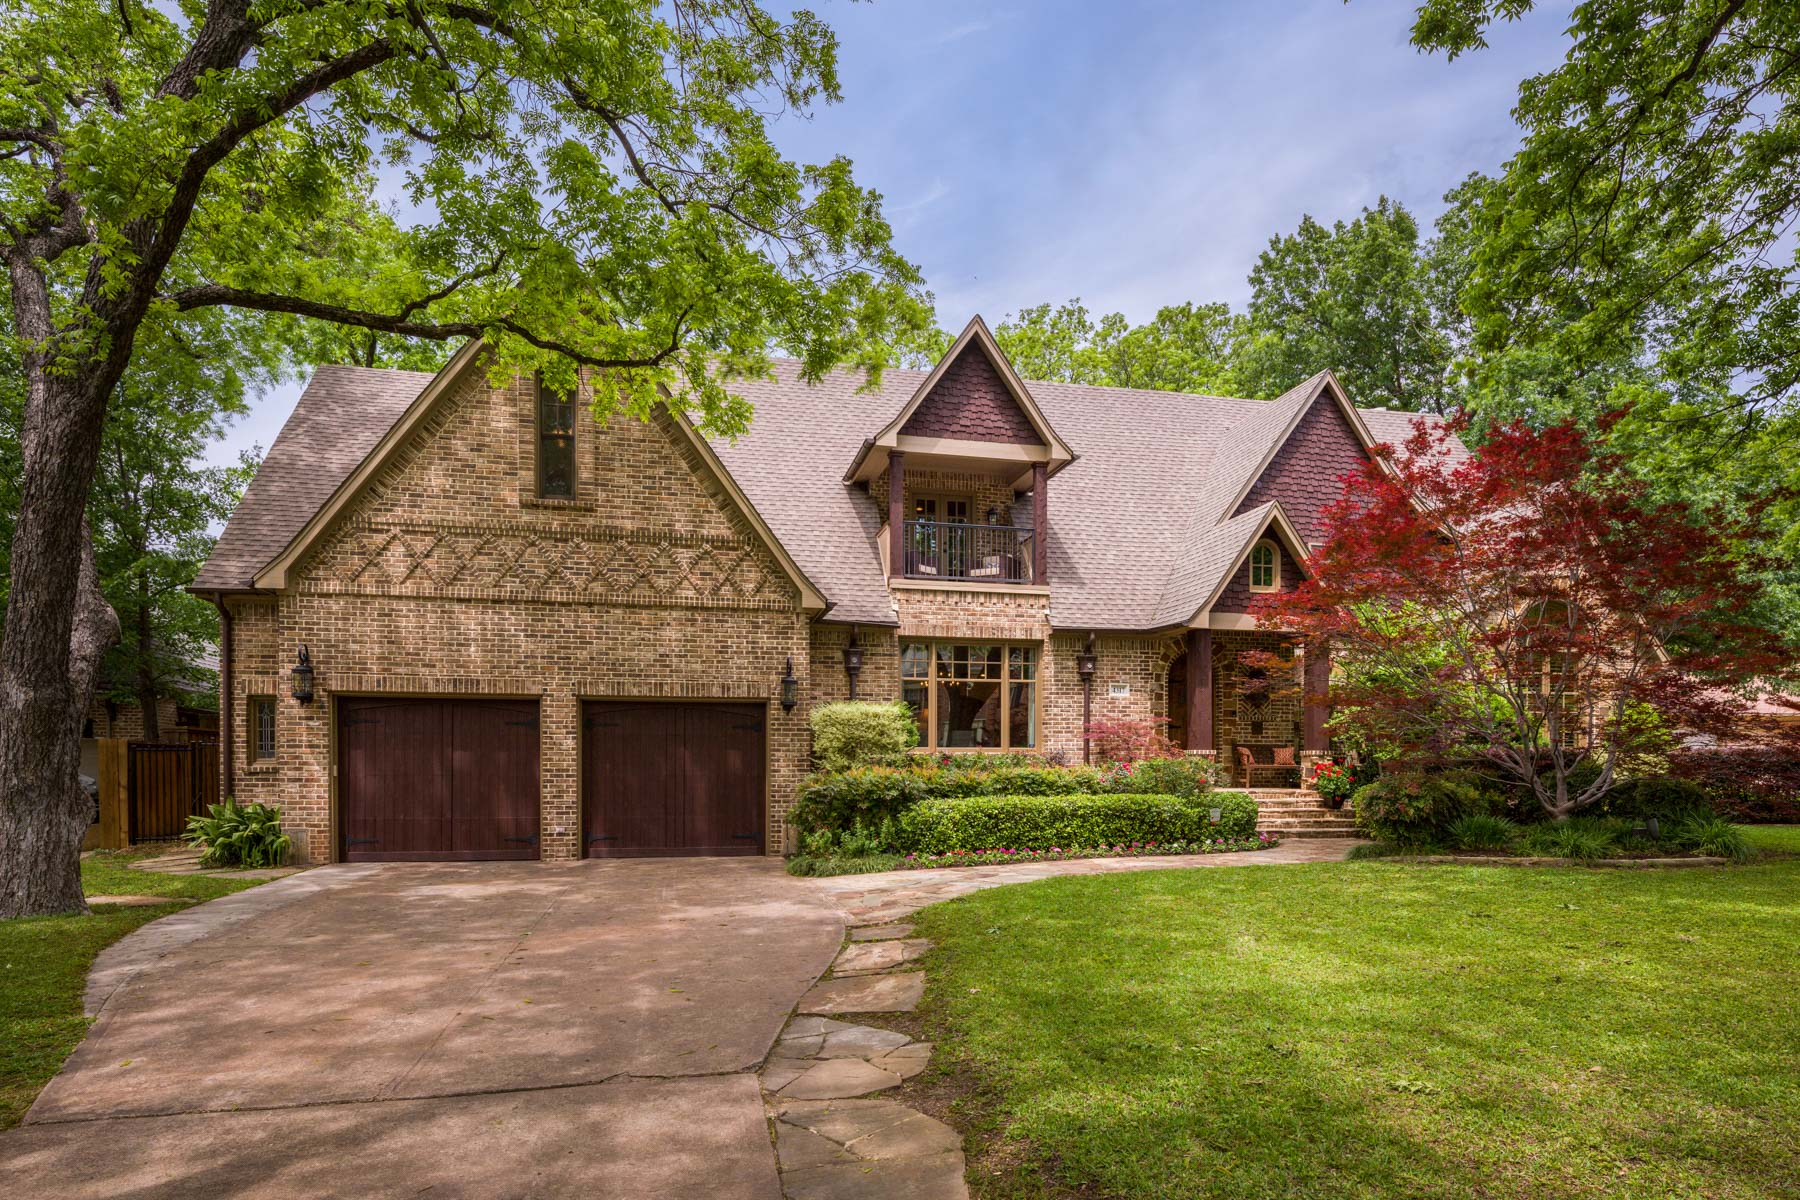 Maison unifamiliale pour l Vente à Beautiful Home in Idyllic Preston Hollow Setting 4317 Manning Ln Dallas, Texas, 75220 États-Unis